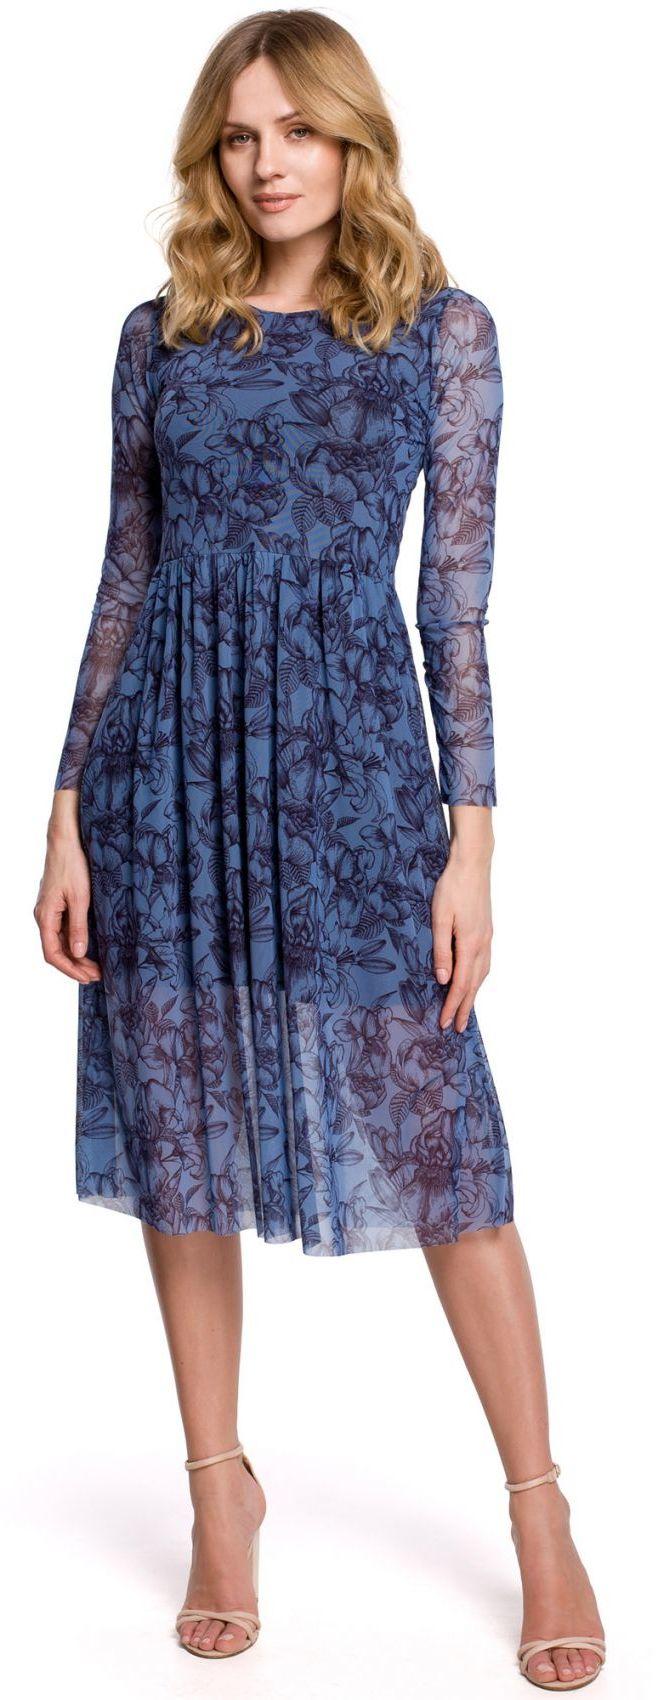 K064 Sukienka rozkloszowana z siatki z nadrukiem - model 1